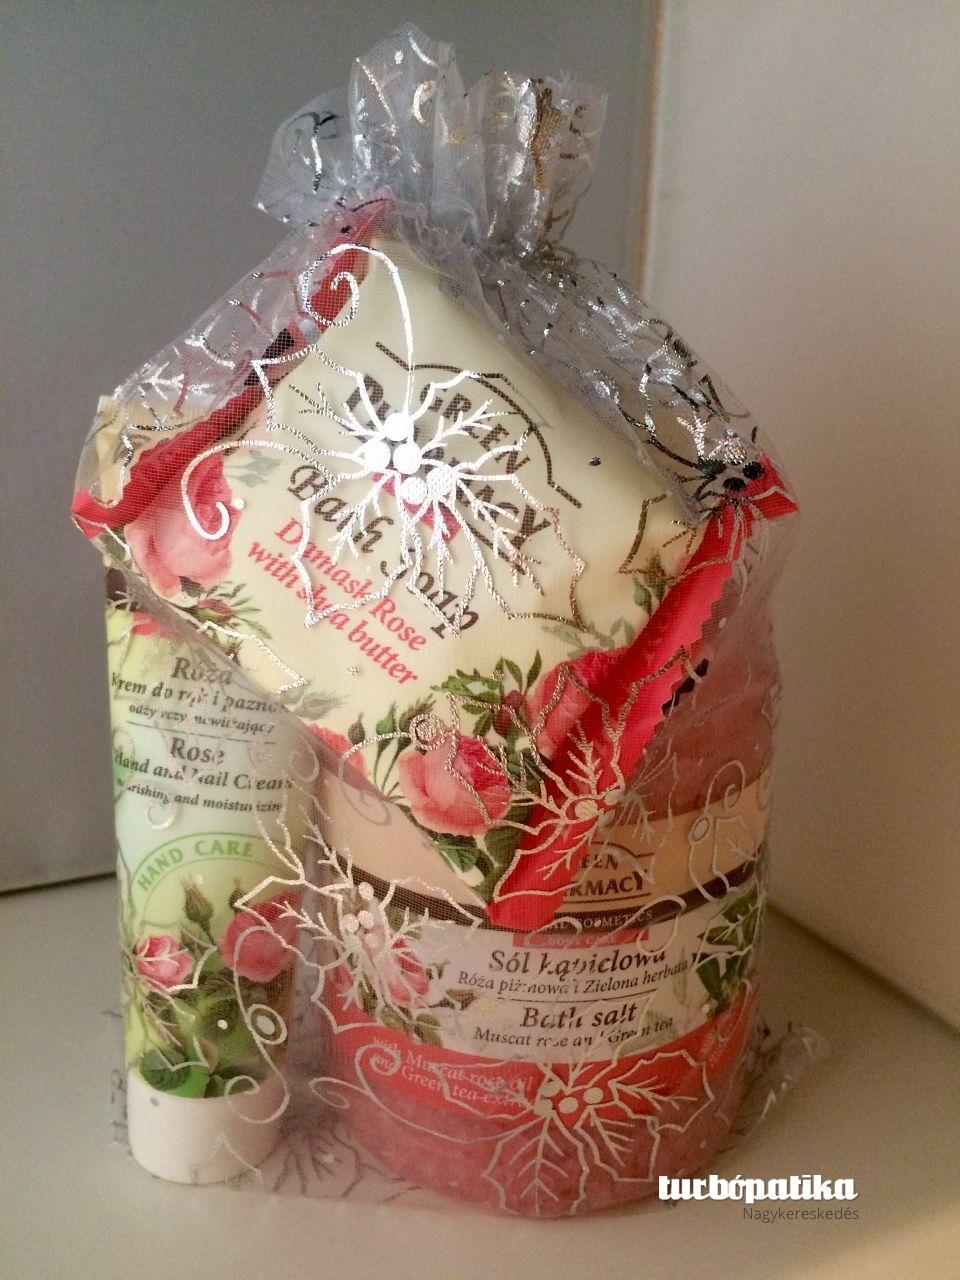 Green Pahrmacy Gyógynövényes fürdősó rózsa kivonattal 1300g + Green Pharmacy Kéz- és körömápoló krém rózsa kivonattal 100ml + Green Pharmacy szappan damaszkusi rózsa és shea vaj 100g